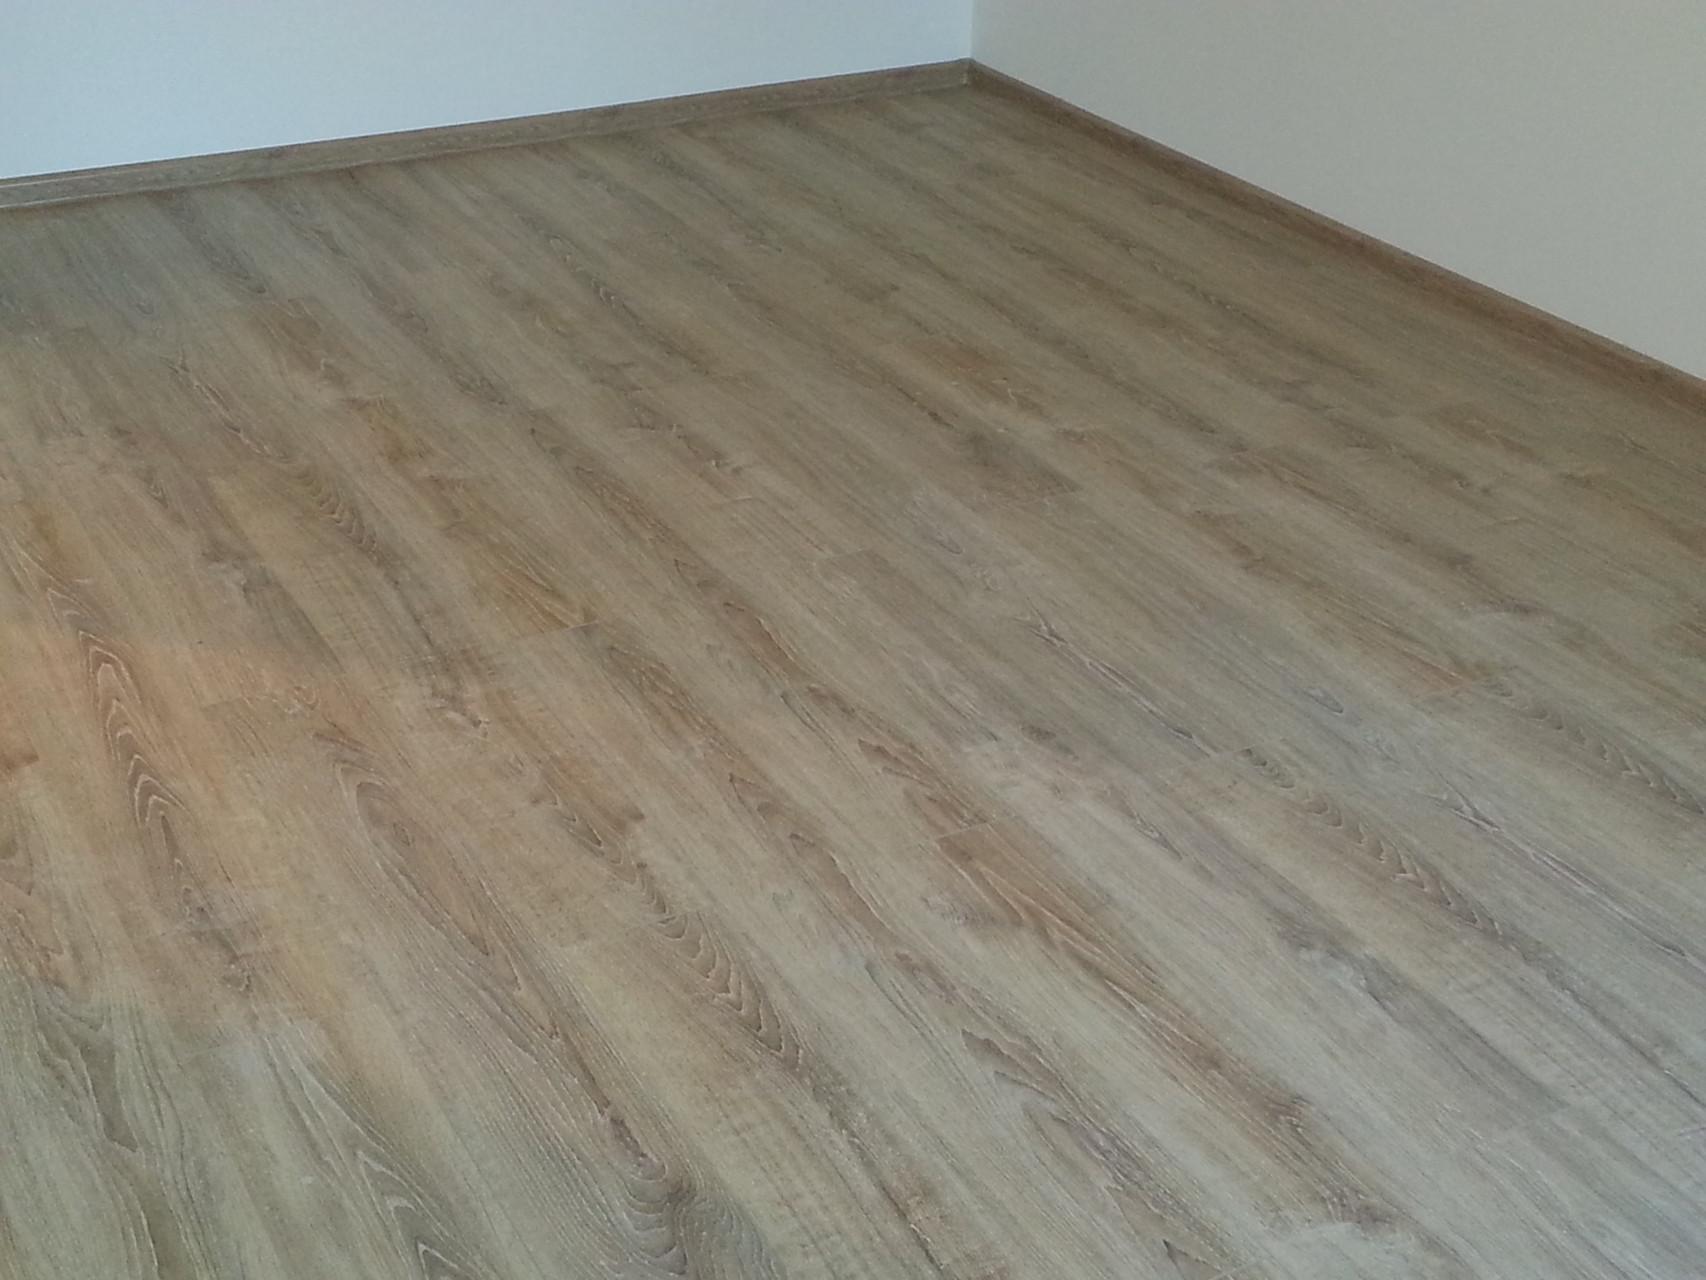 laminat g nstig kaufen angebote dielen parkett schleifen versiegeln len laminat. Black Bedroom Furniture Sets. Home Design Ideas